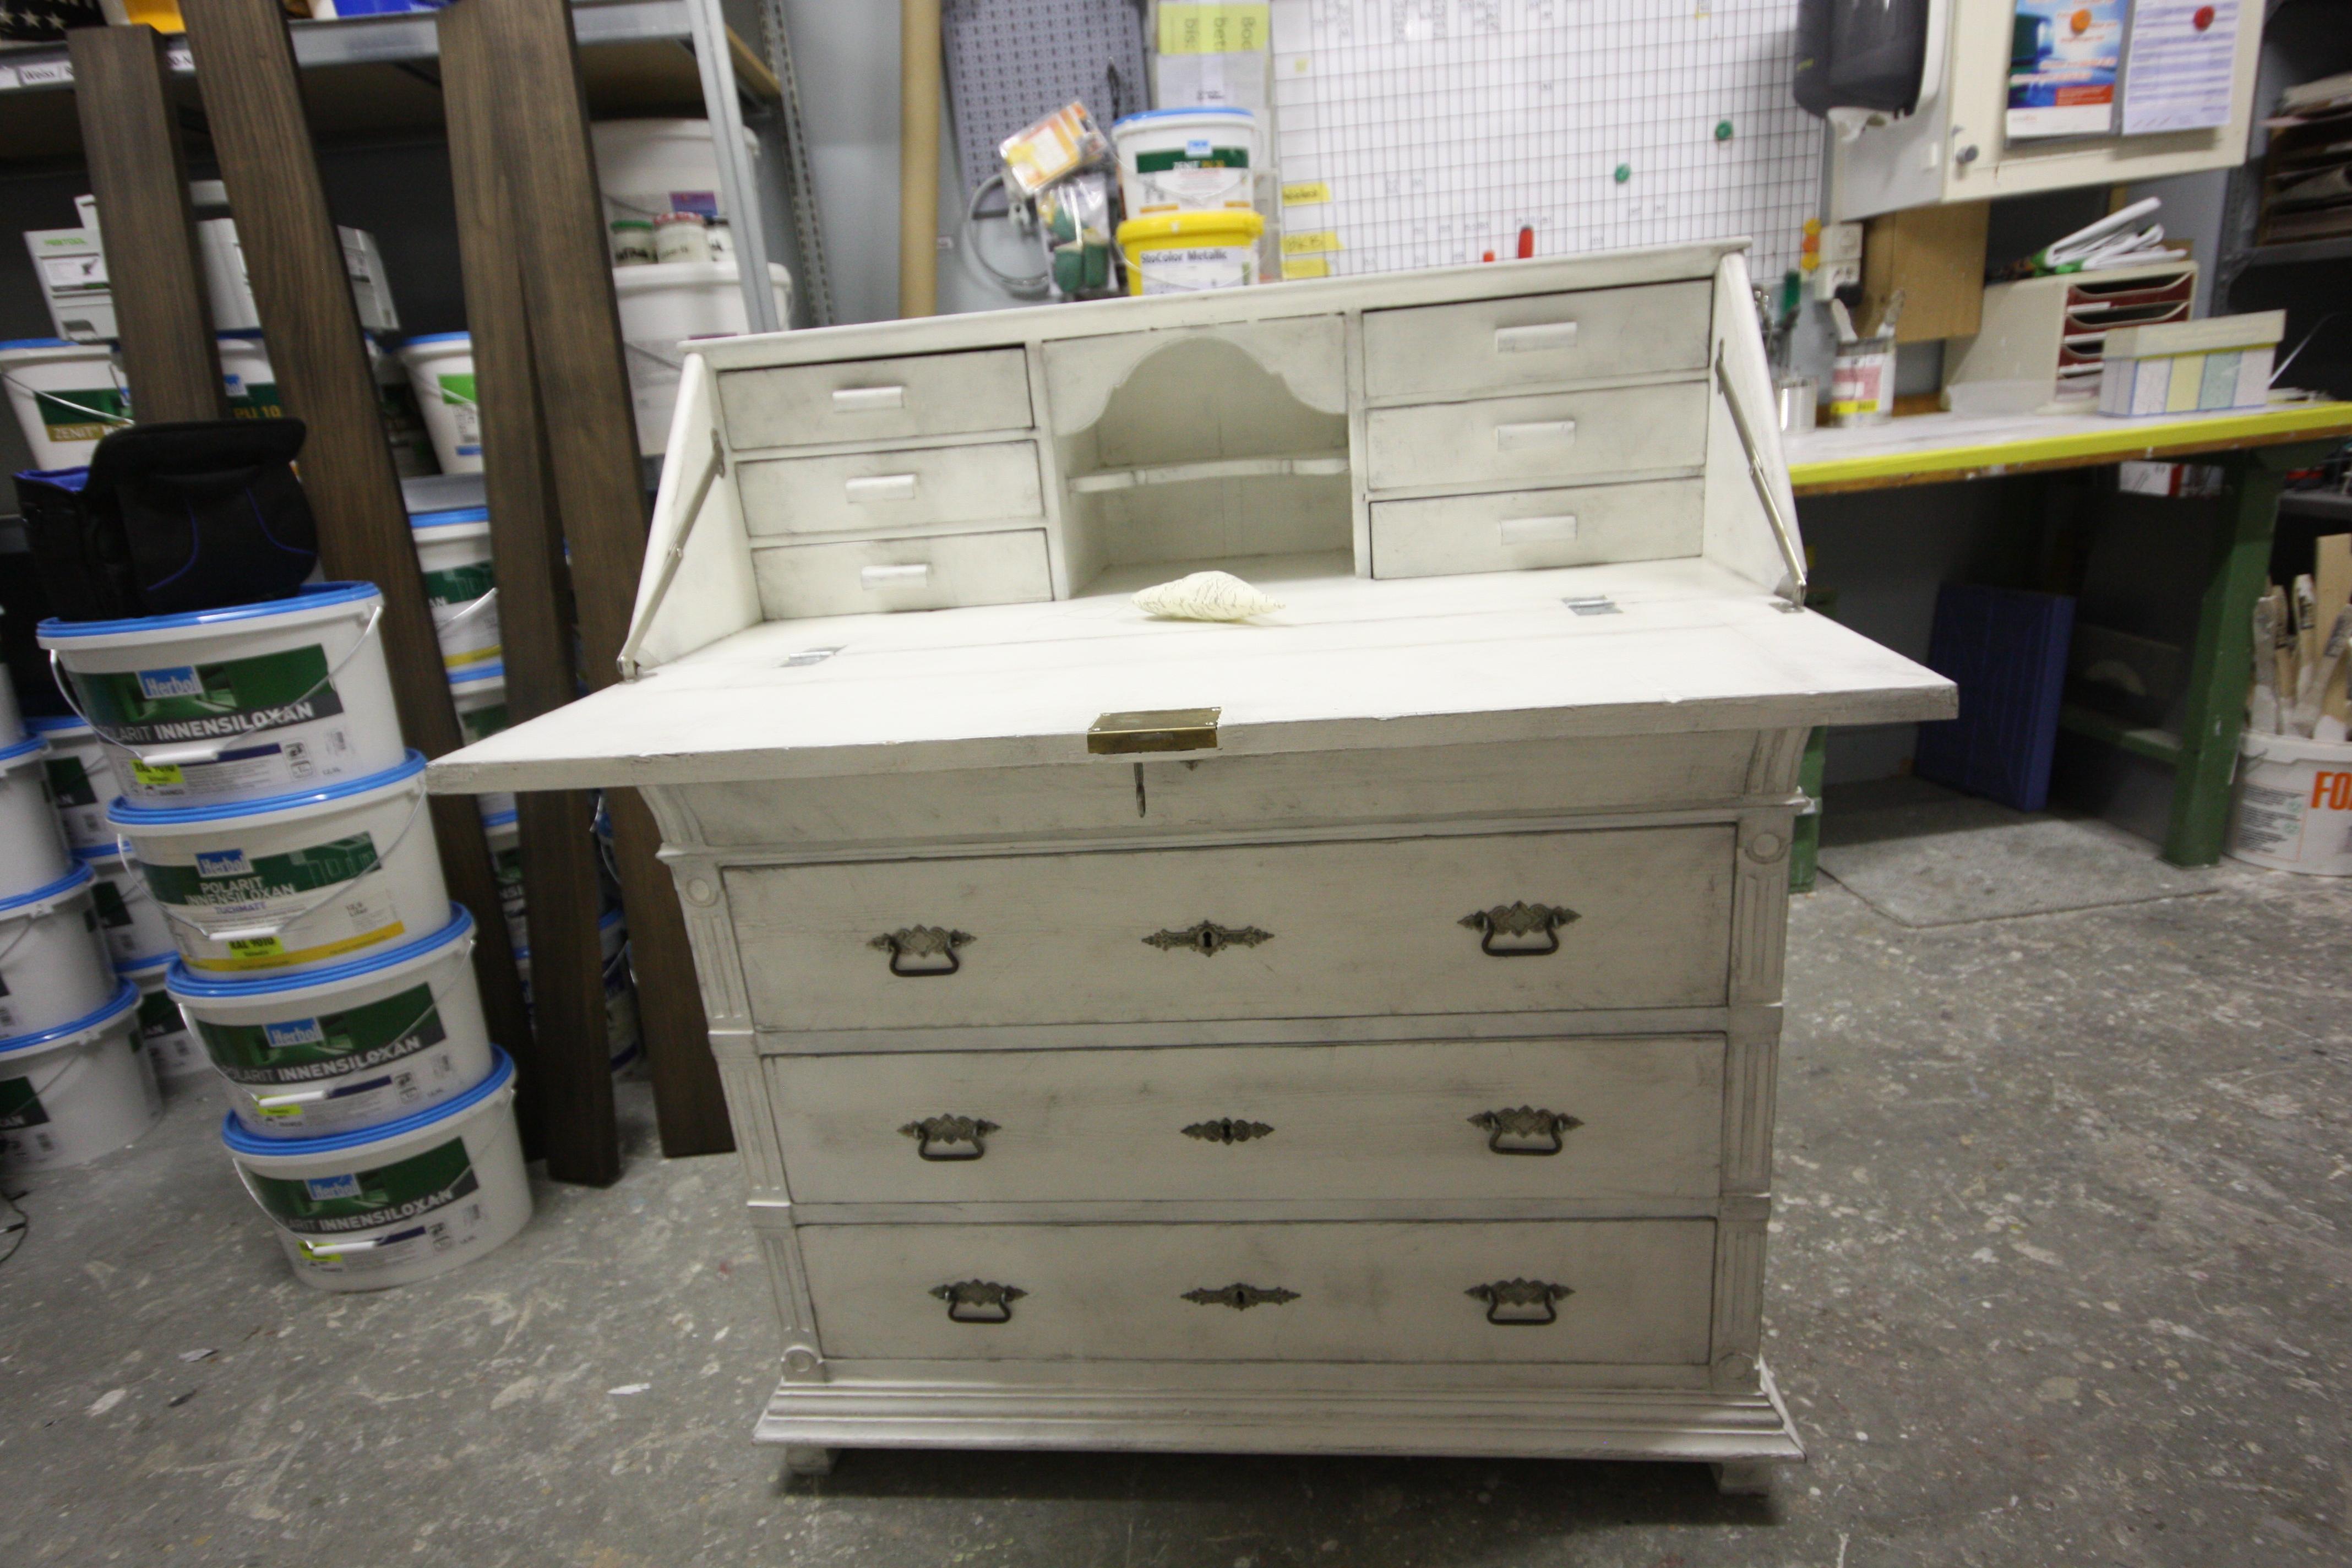 shabby chic furniture shabby chic furniture pictures to. Black Bedroom Furniture Sets. Home Design Ideas